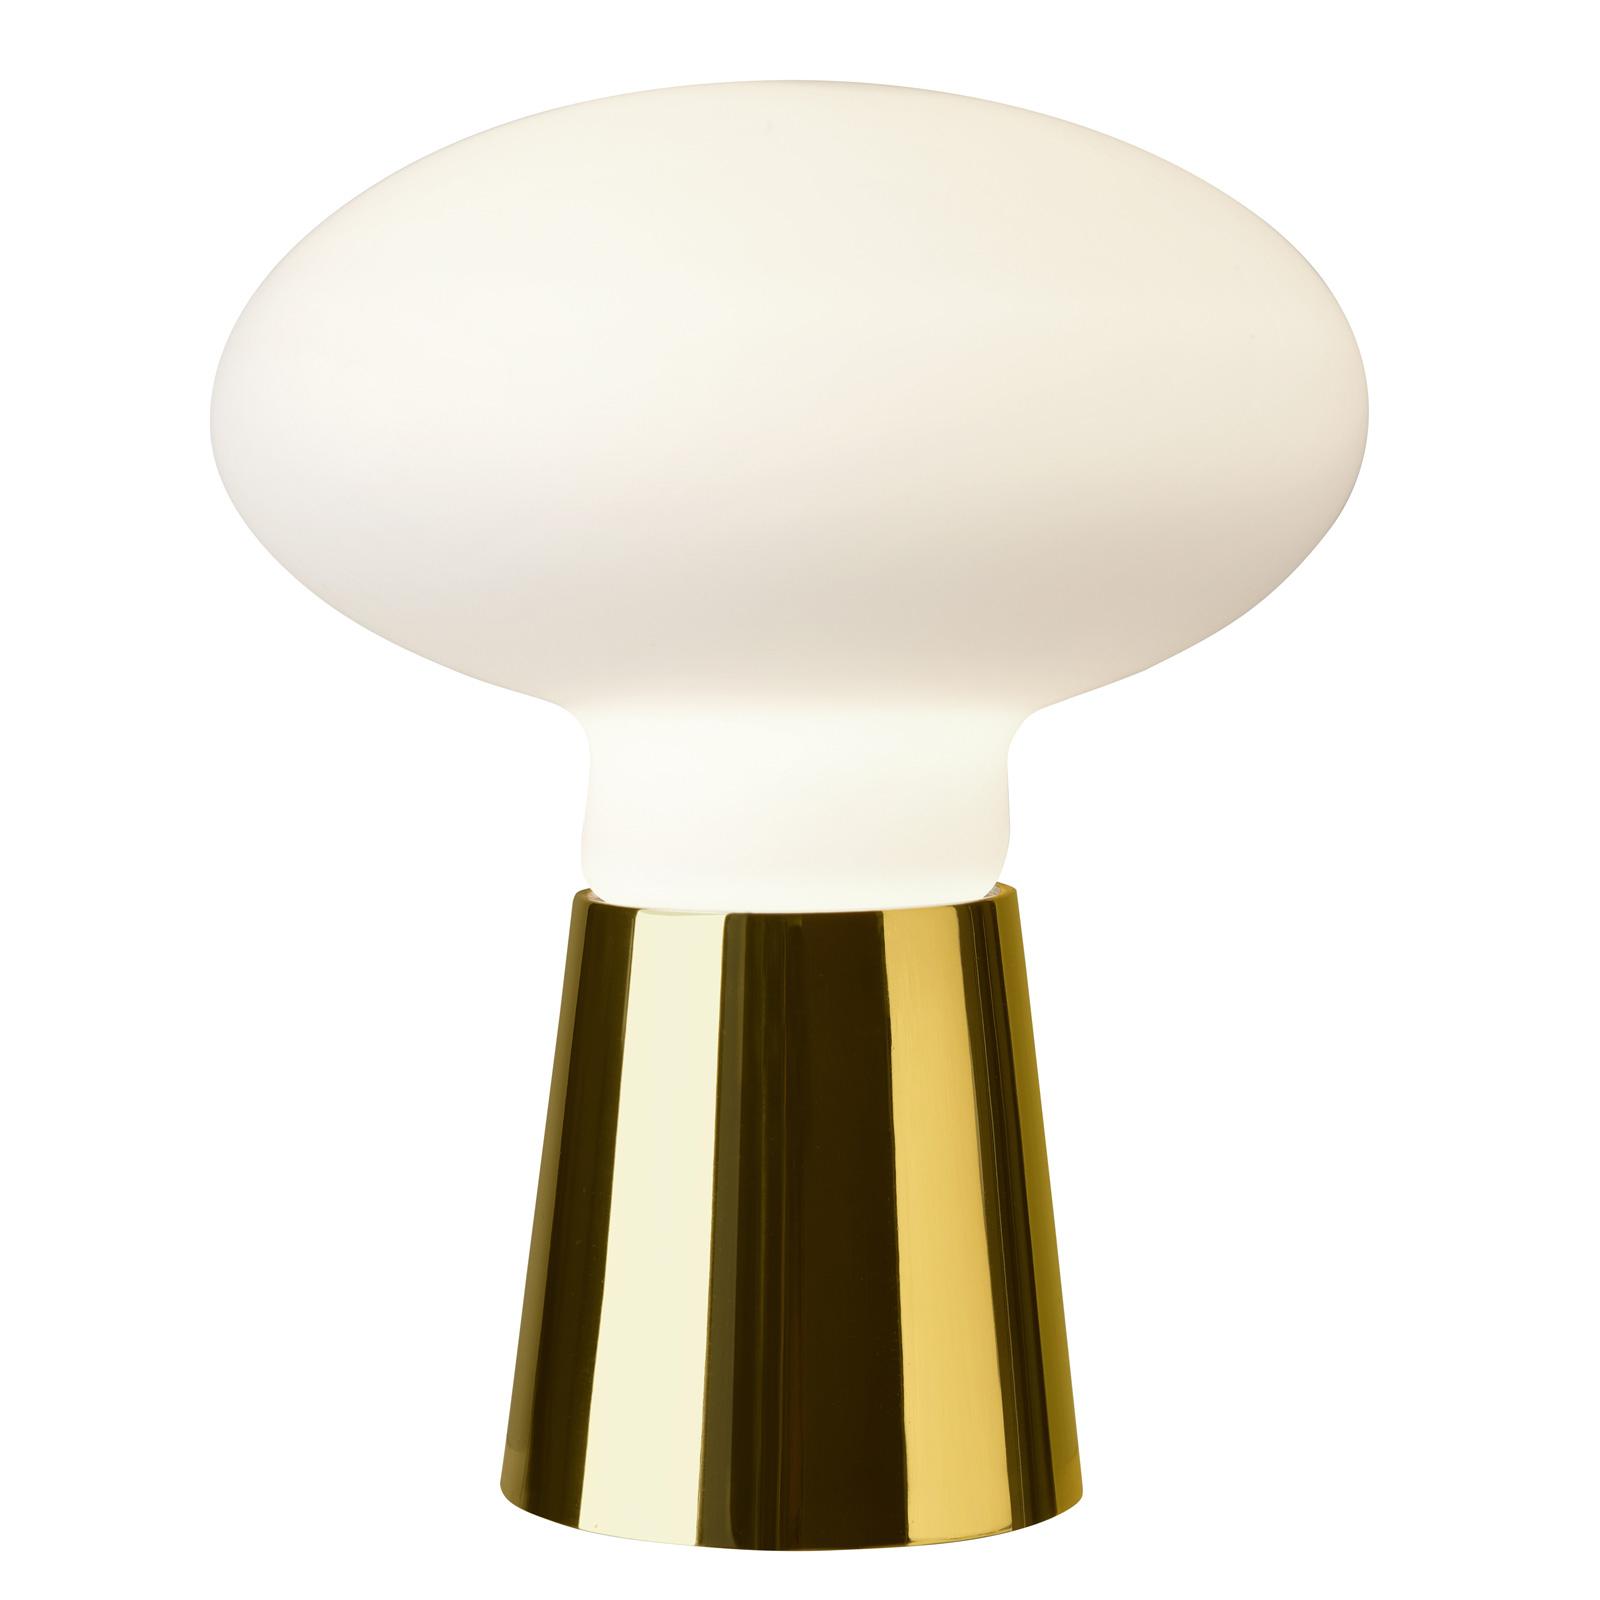 Villeroy & Boch Bilbao pöytälamppu, kultaväri 35cm